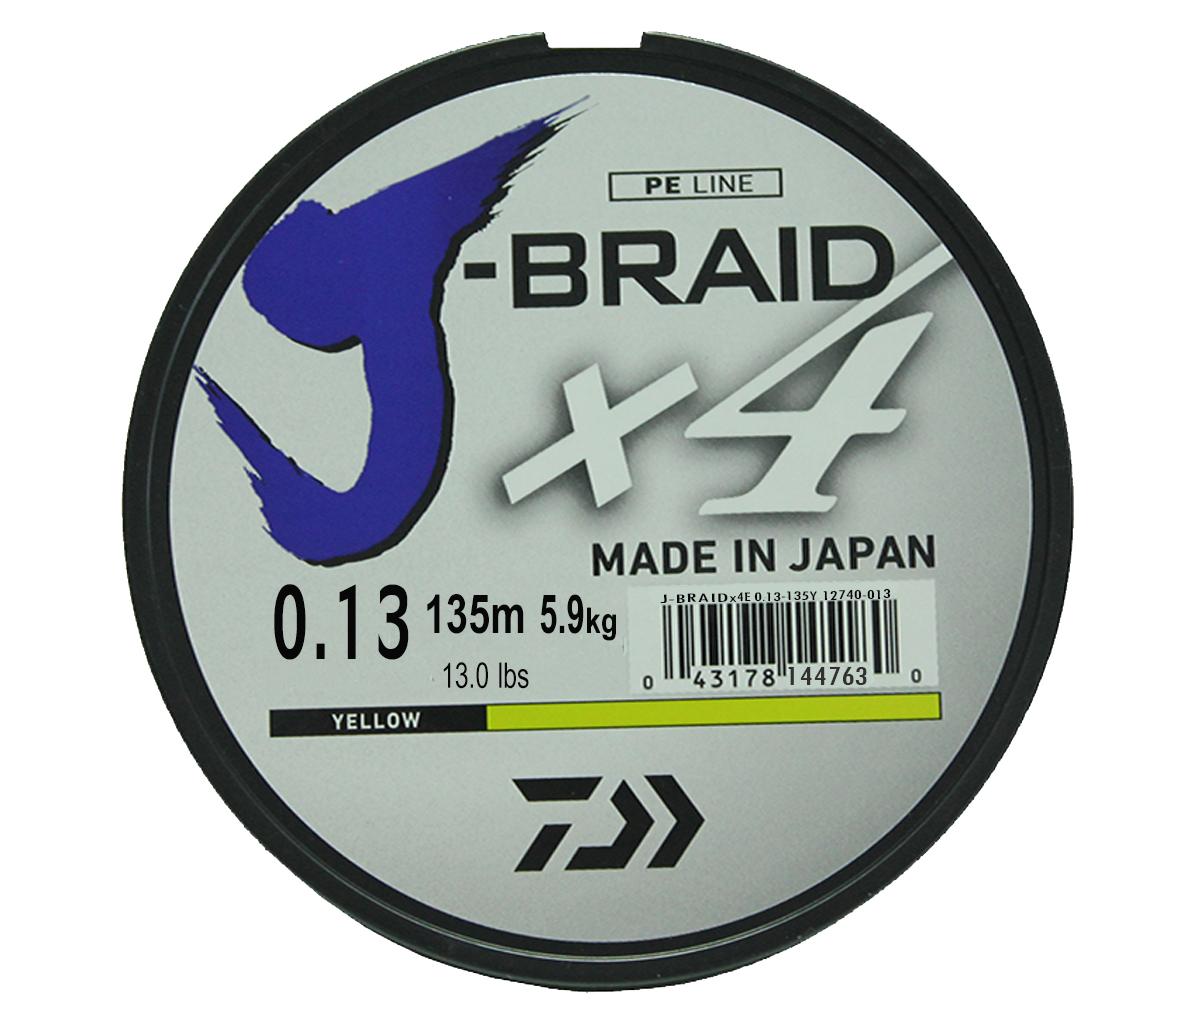 Шнур плетеный Daiwa J-Braid X4, цвет: флуоресцентный желтый, 135 м, 0,13 мм61137Новый 4х жильный шнур J-Braid, DAIWA - шнур высокого класса с удивительным соотношением цены и качества. Качество плетения полностьюсоответствует японским стандартам и удовлетворяет всем требованиям. Представленные диаметры позволяют использовать шнур для всех техникловли, начиная от ultra- light ловли окуня, до морской ловли палтуса, трески и т.д